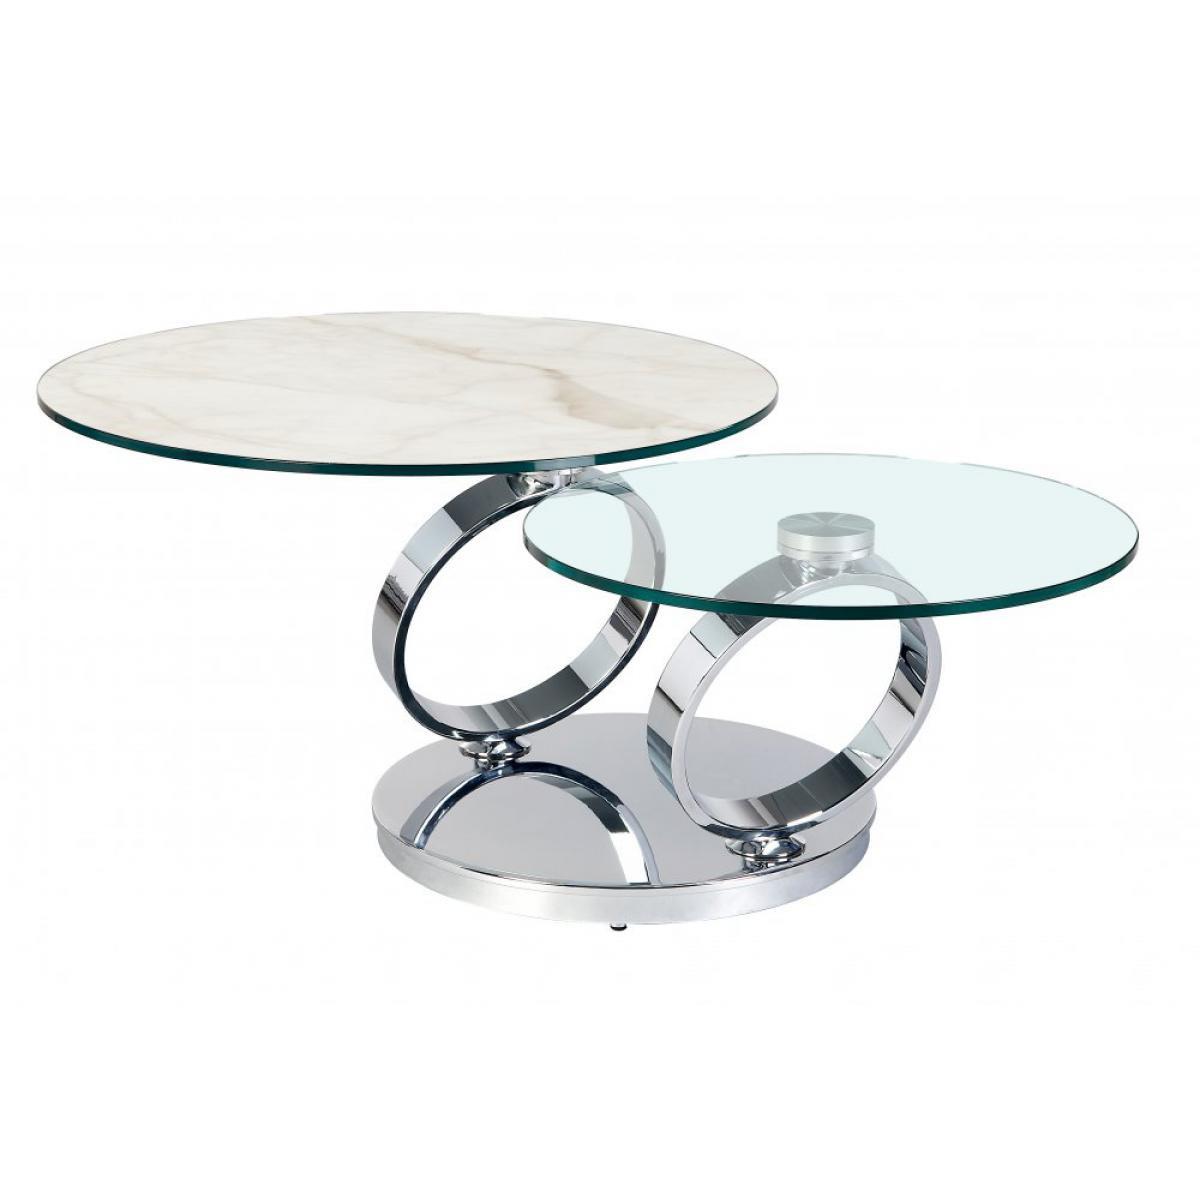 Inside 75 Table OLYMPE MARBLE à plateaux pivotants en verre et céramique marbre blanc